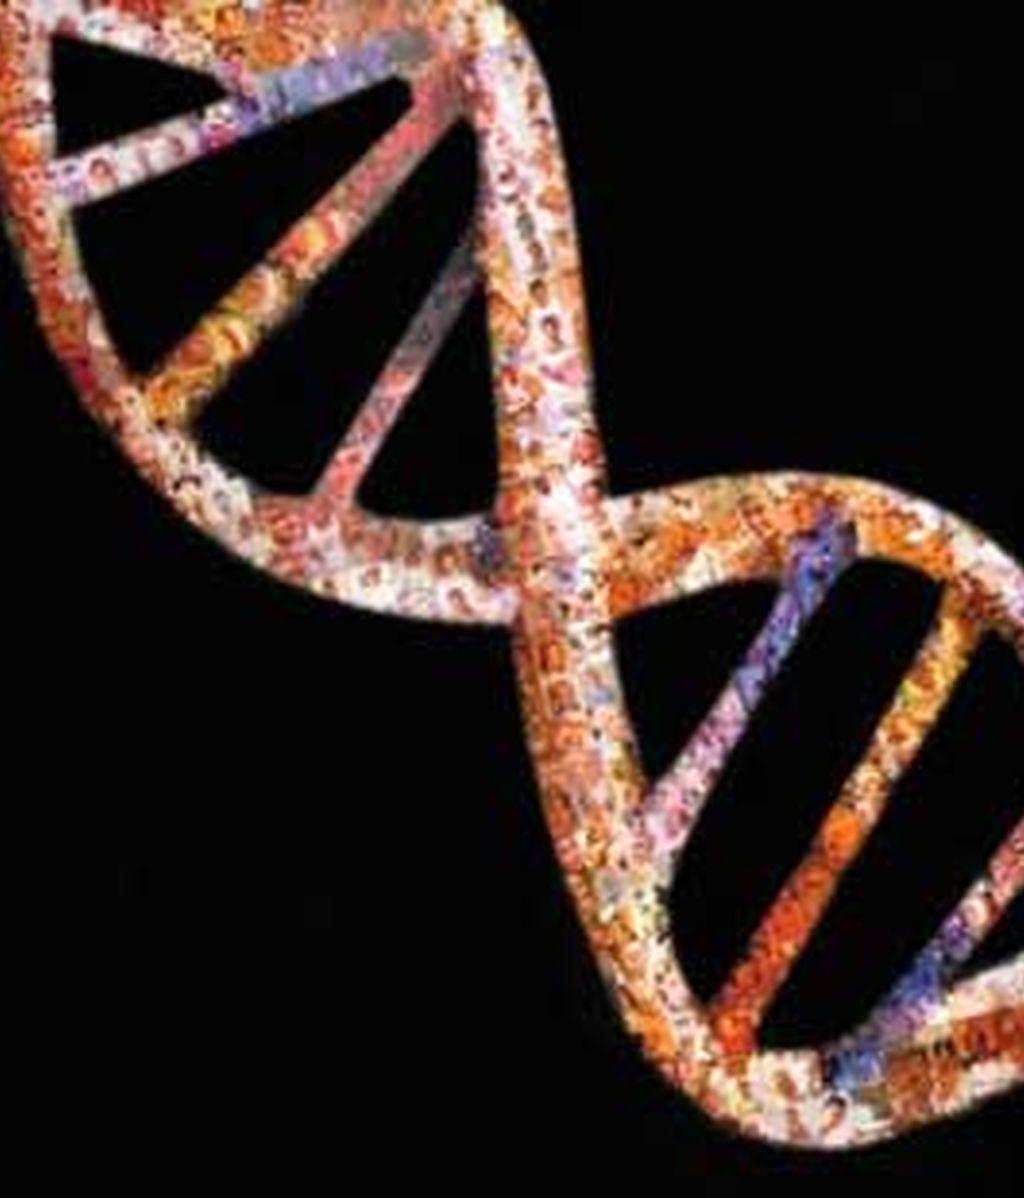 La mayor empresa biotecnológica del mundo asegura que dentro de diez años cada bebé tendrá su propio mapa genético.